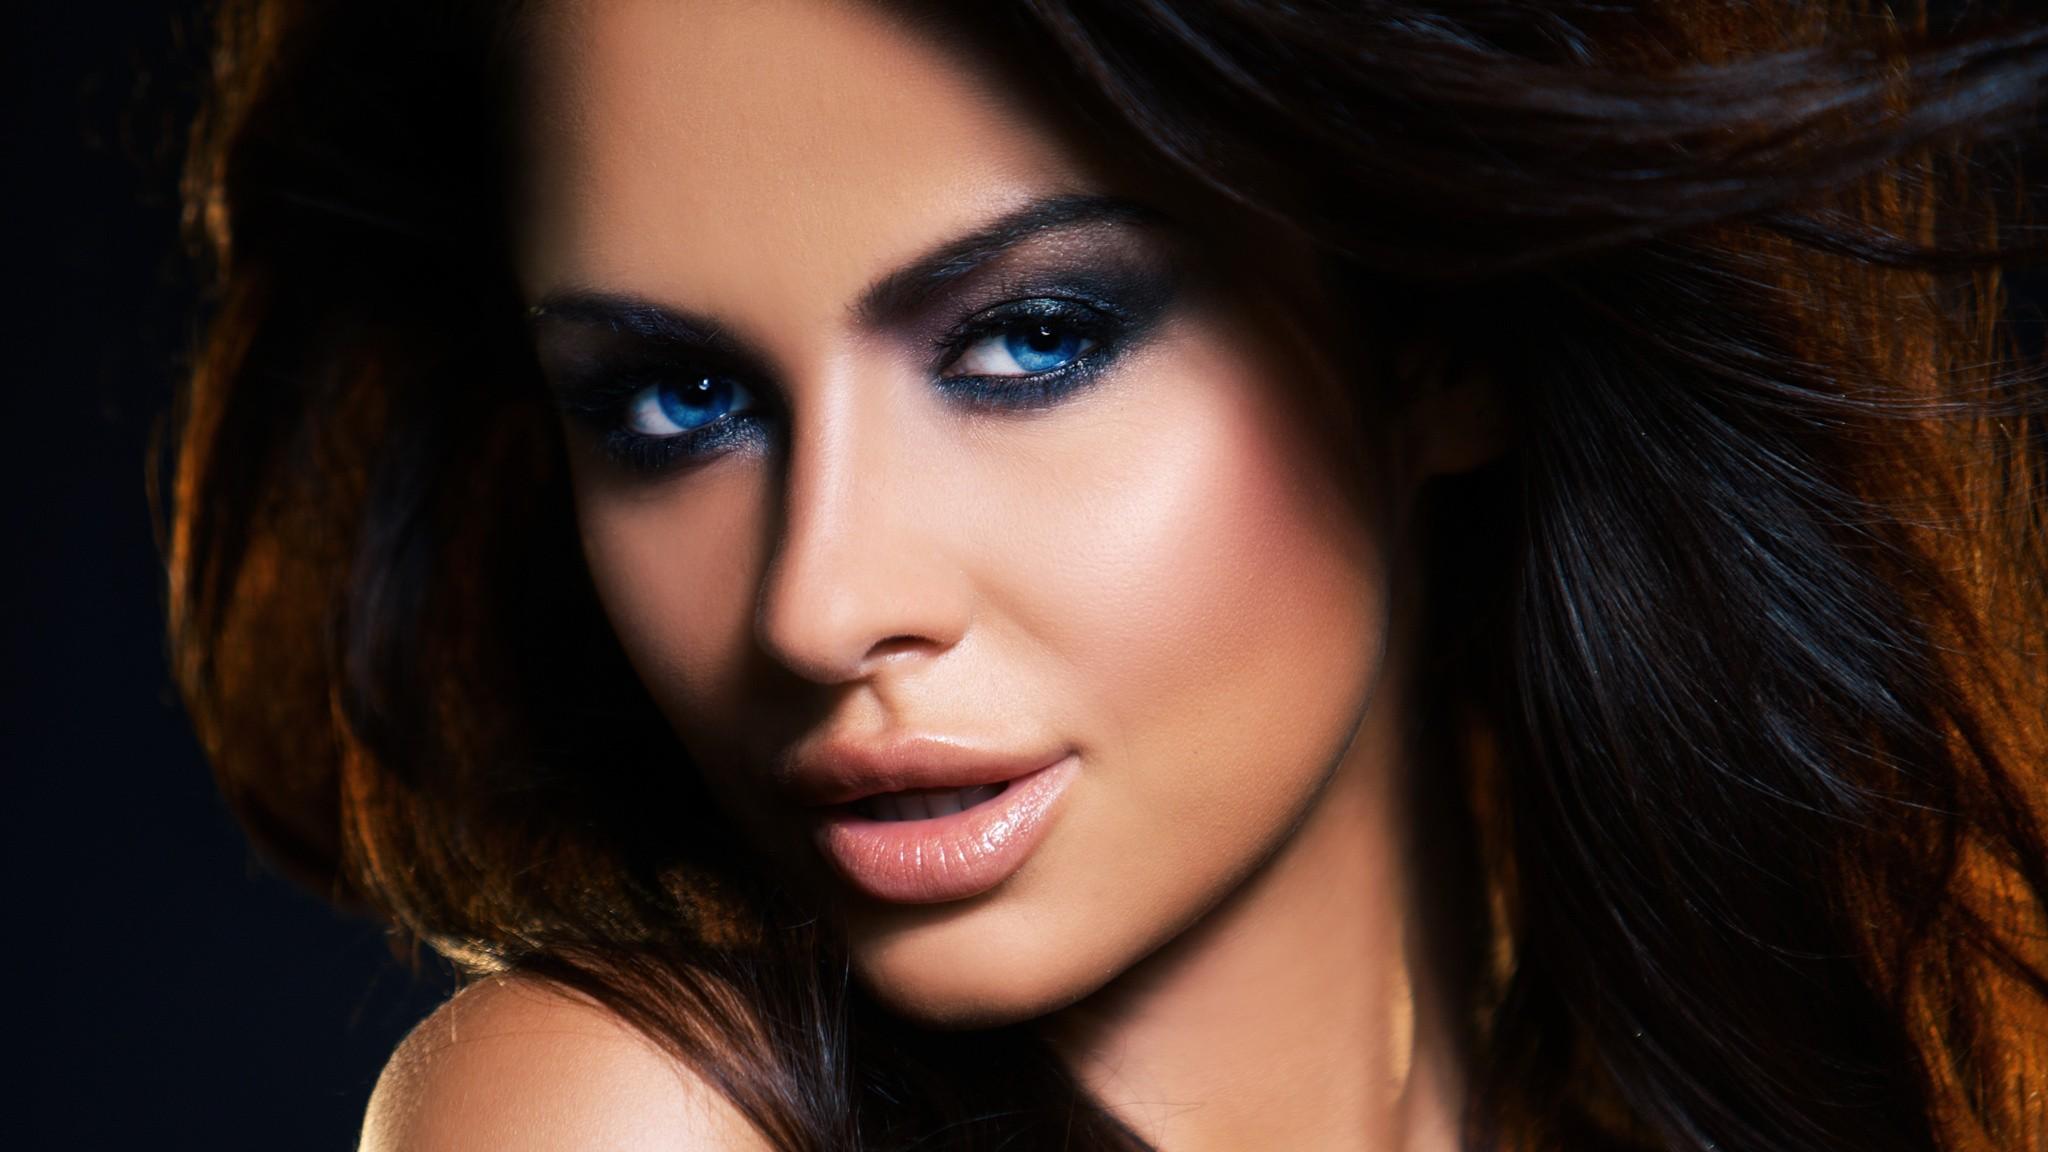 Wallpaper Women Model Long Hair Asian Singer Blue: Wallpaper : Face, Women, Model, Long Hair, Blue Eyes